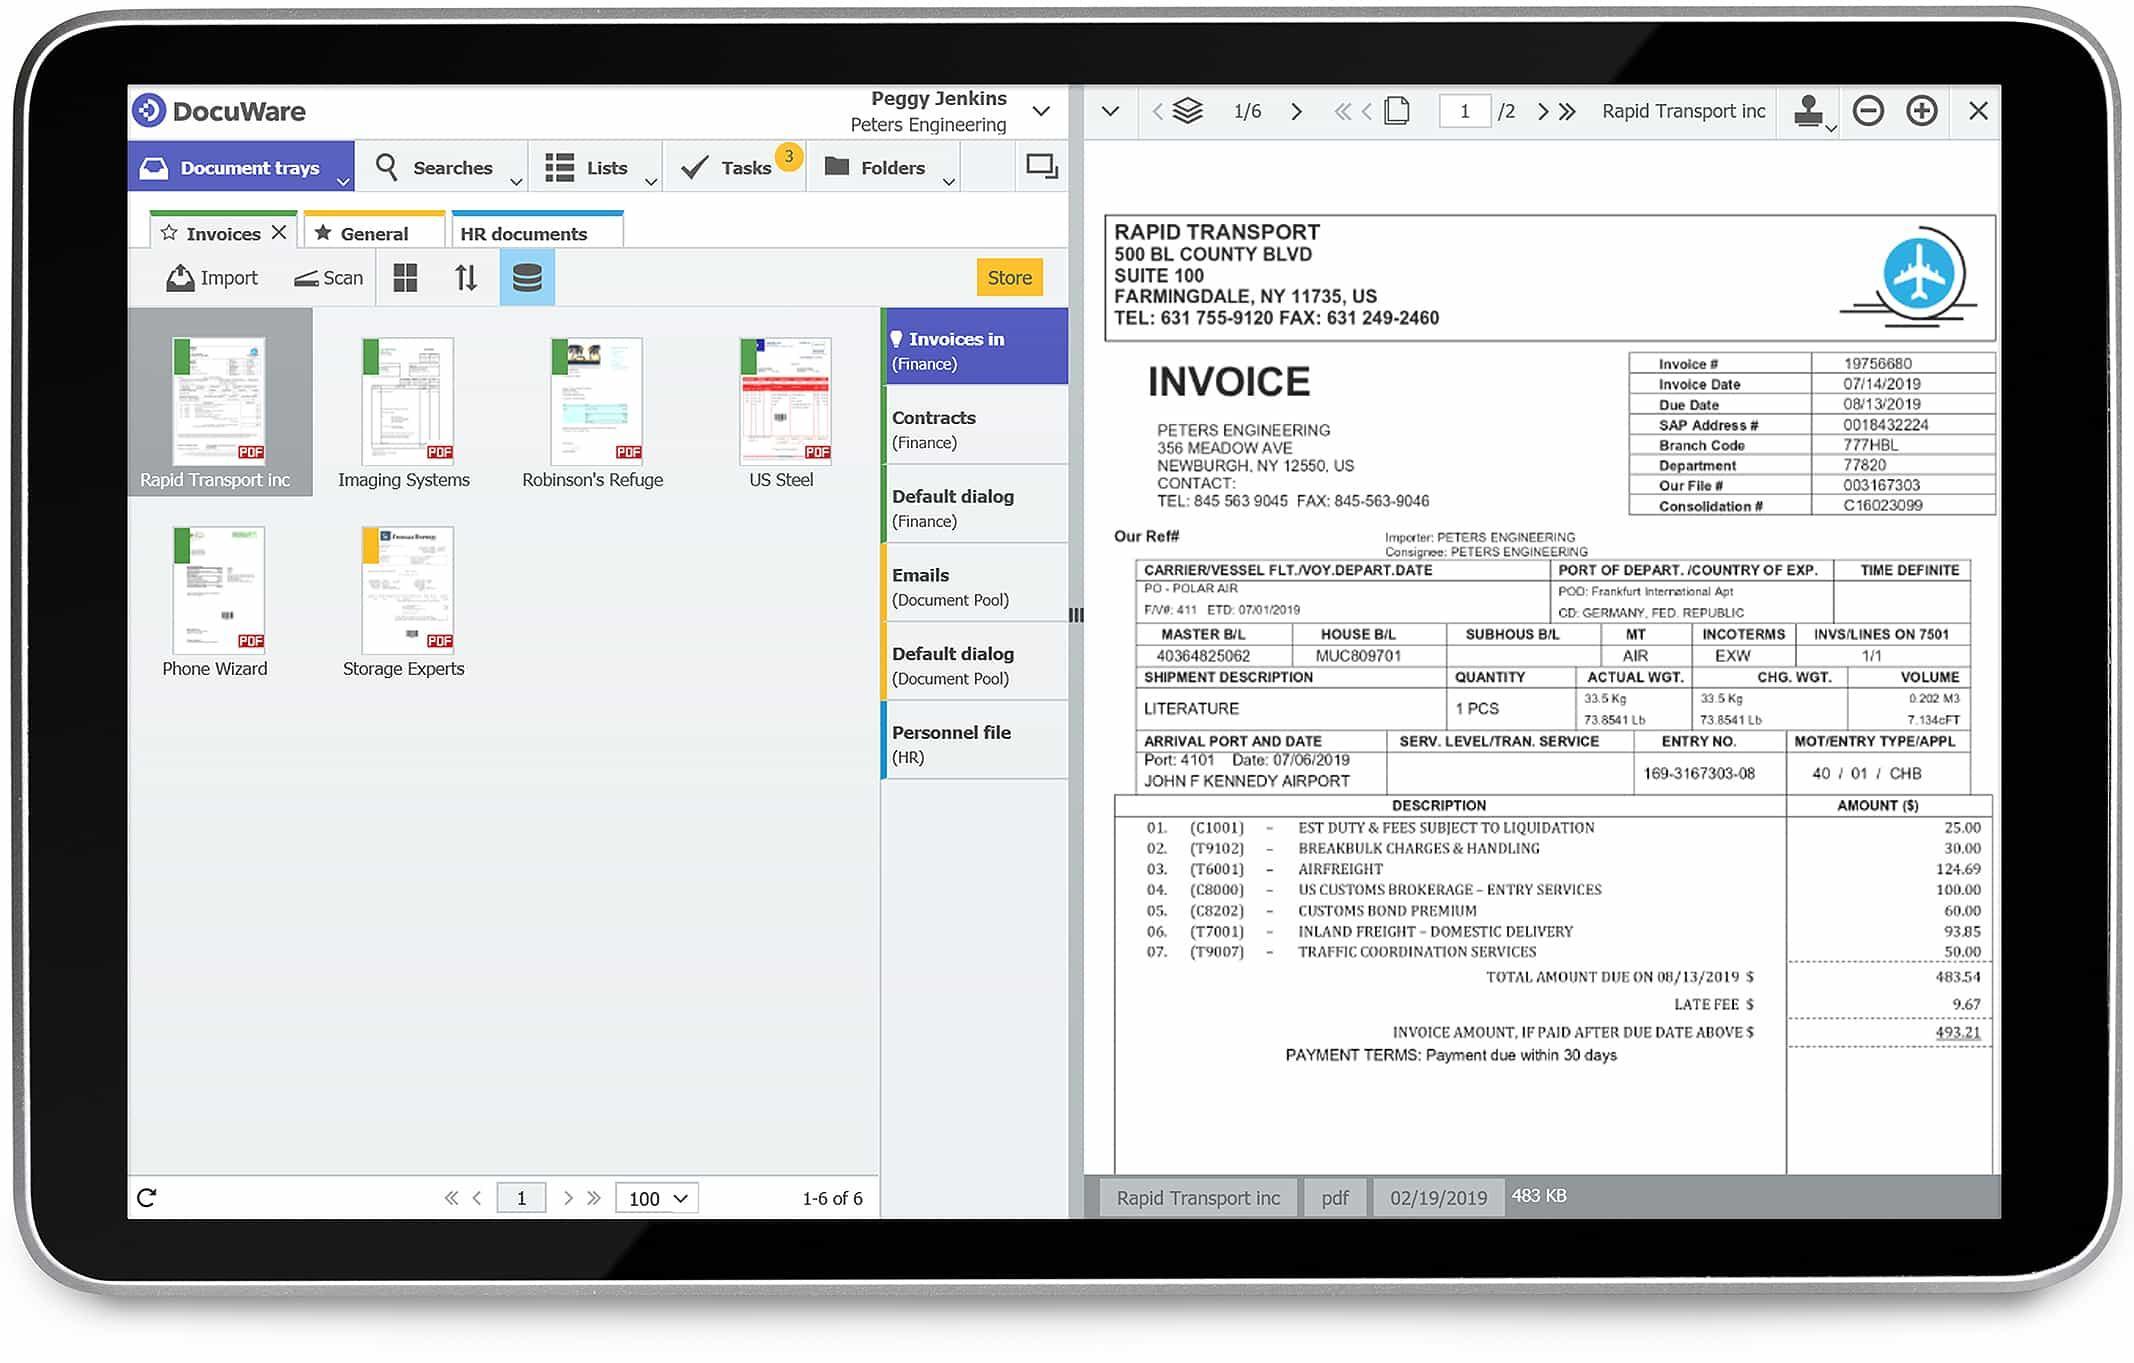 DocuWare : traitement dématérialisé des factures sur Ipad.